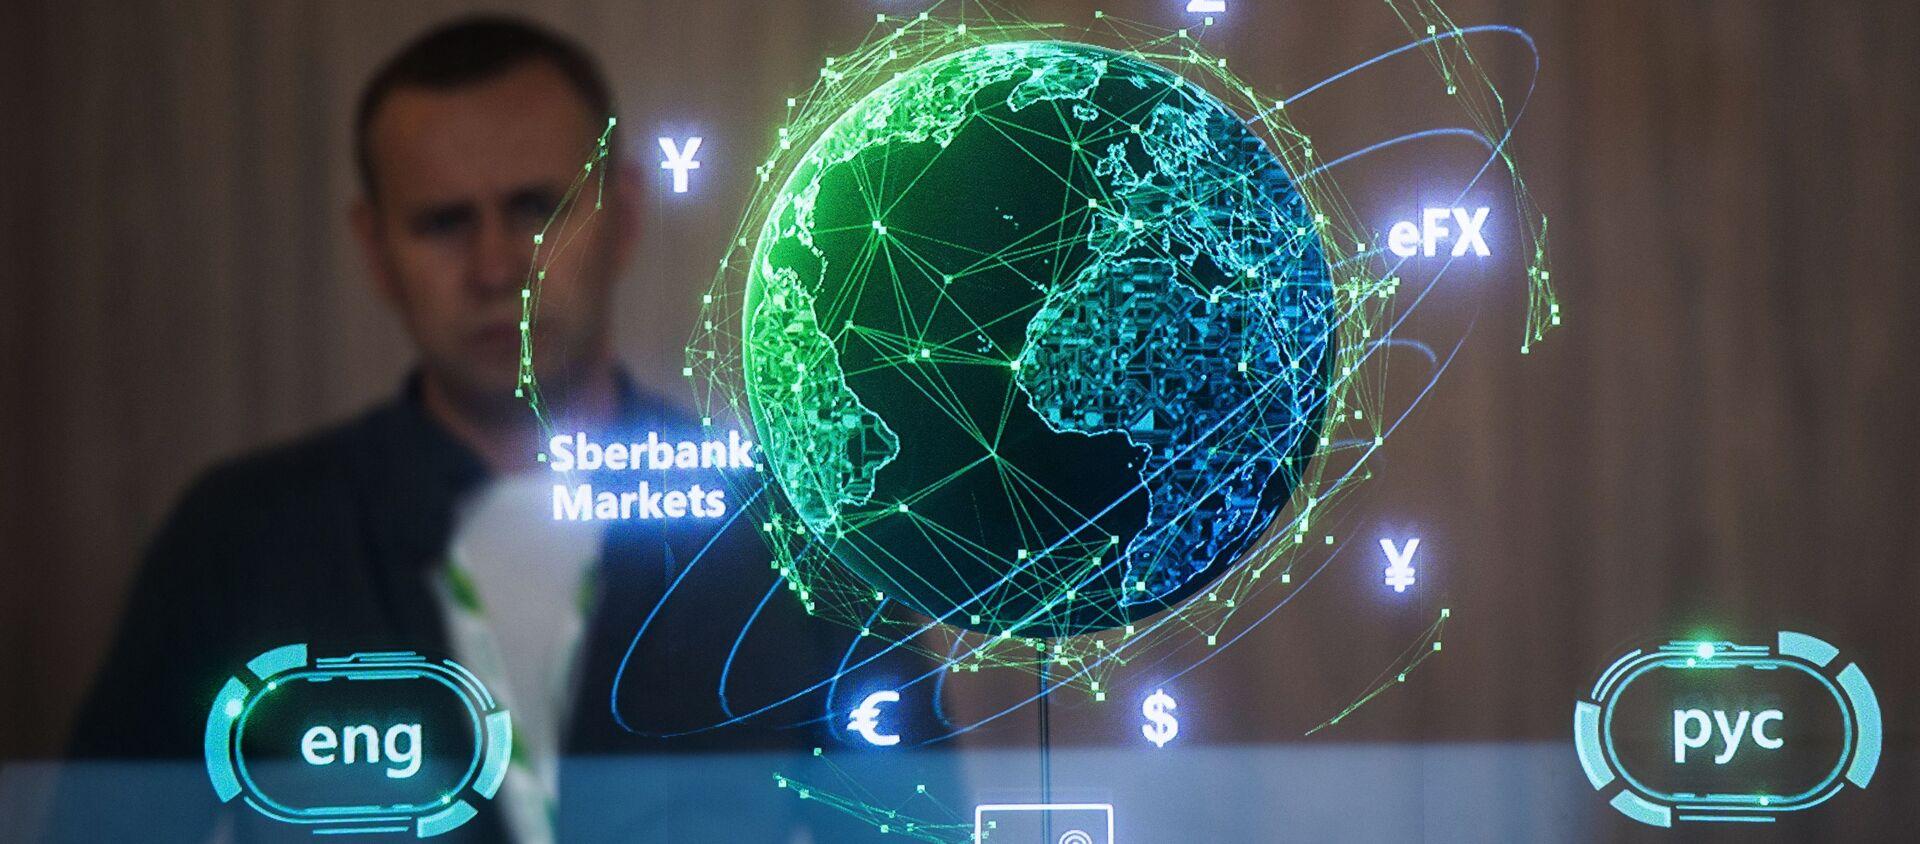 Gian hàng Sberbank tại Trung tâm Triển lãm và Hội nghị Expoforum - Sputnik Việt Nam, 1920, 22.06.2021